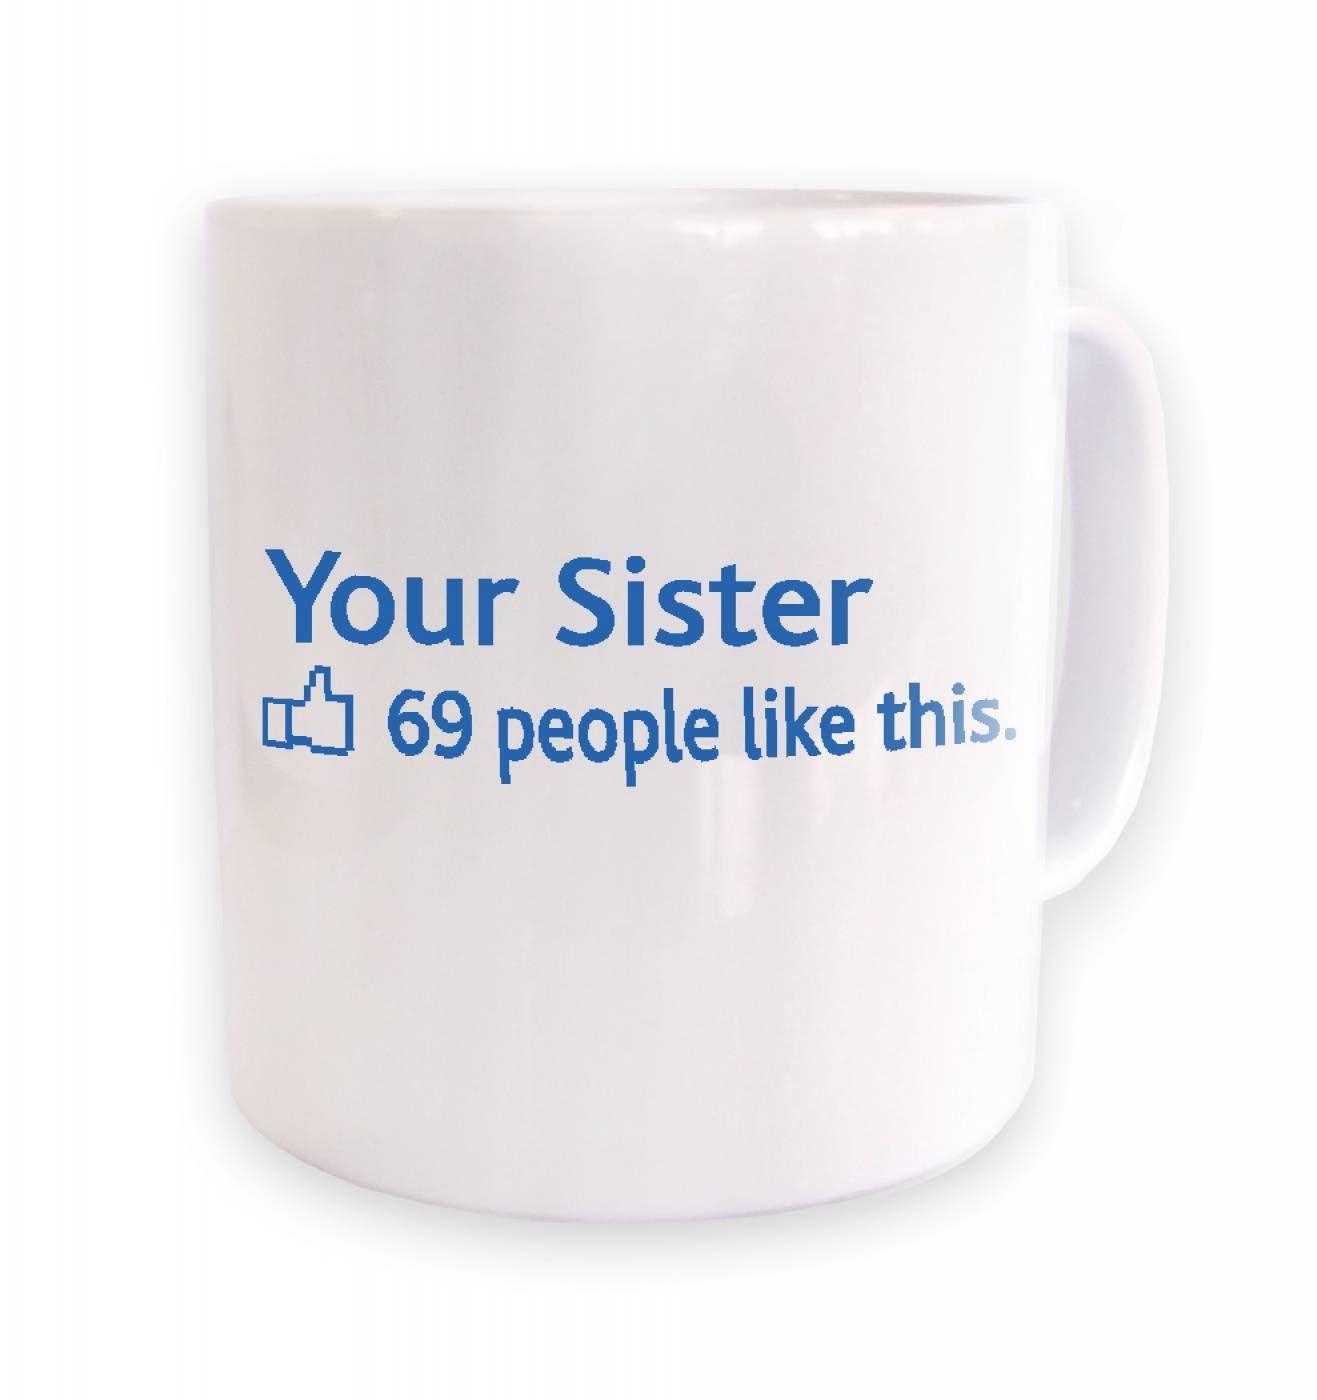 Your Sister Social Status mug